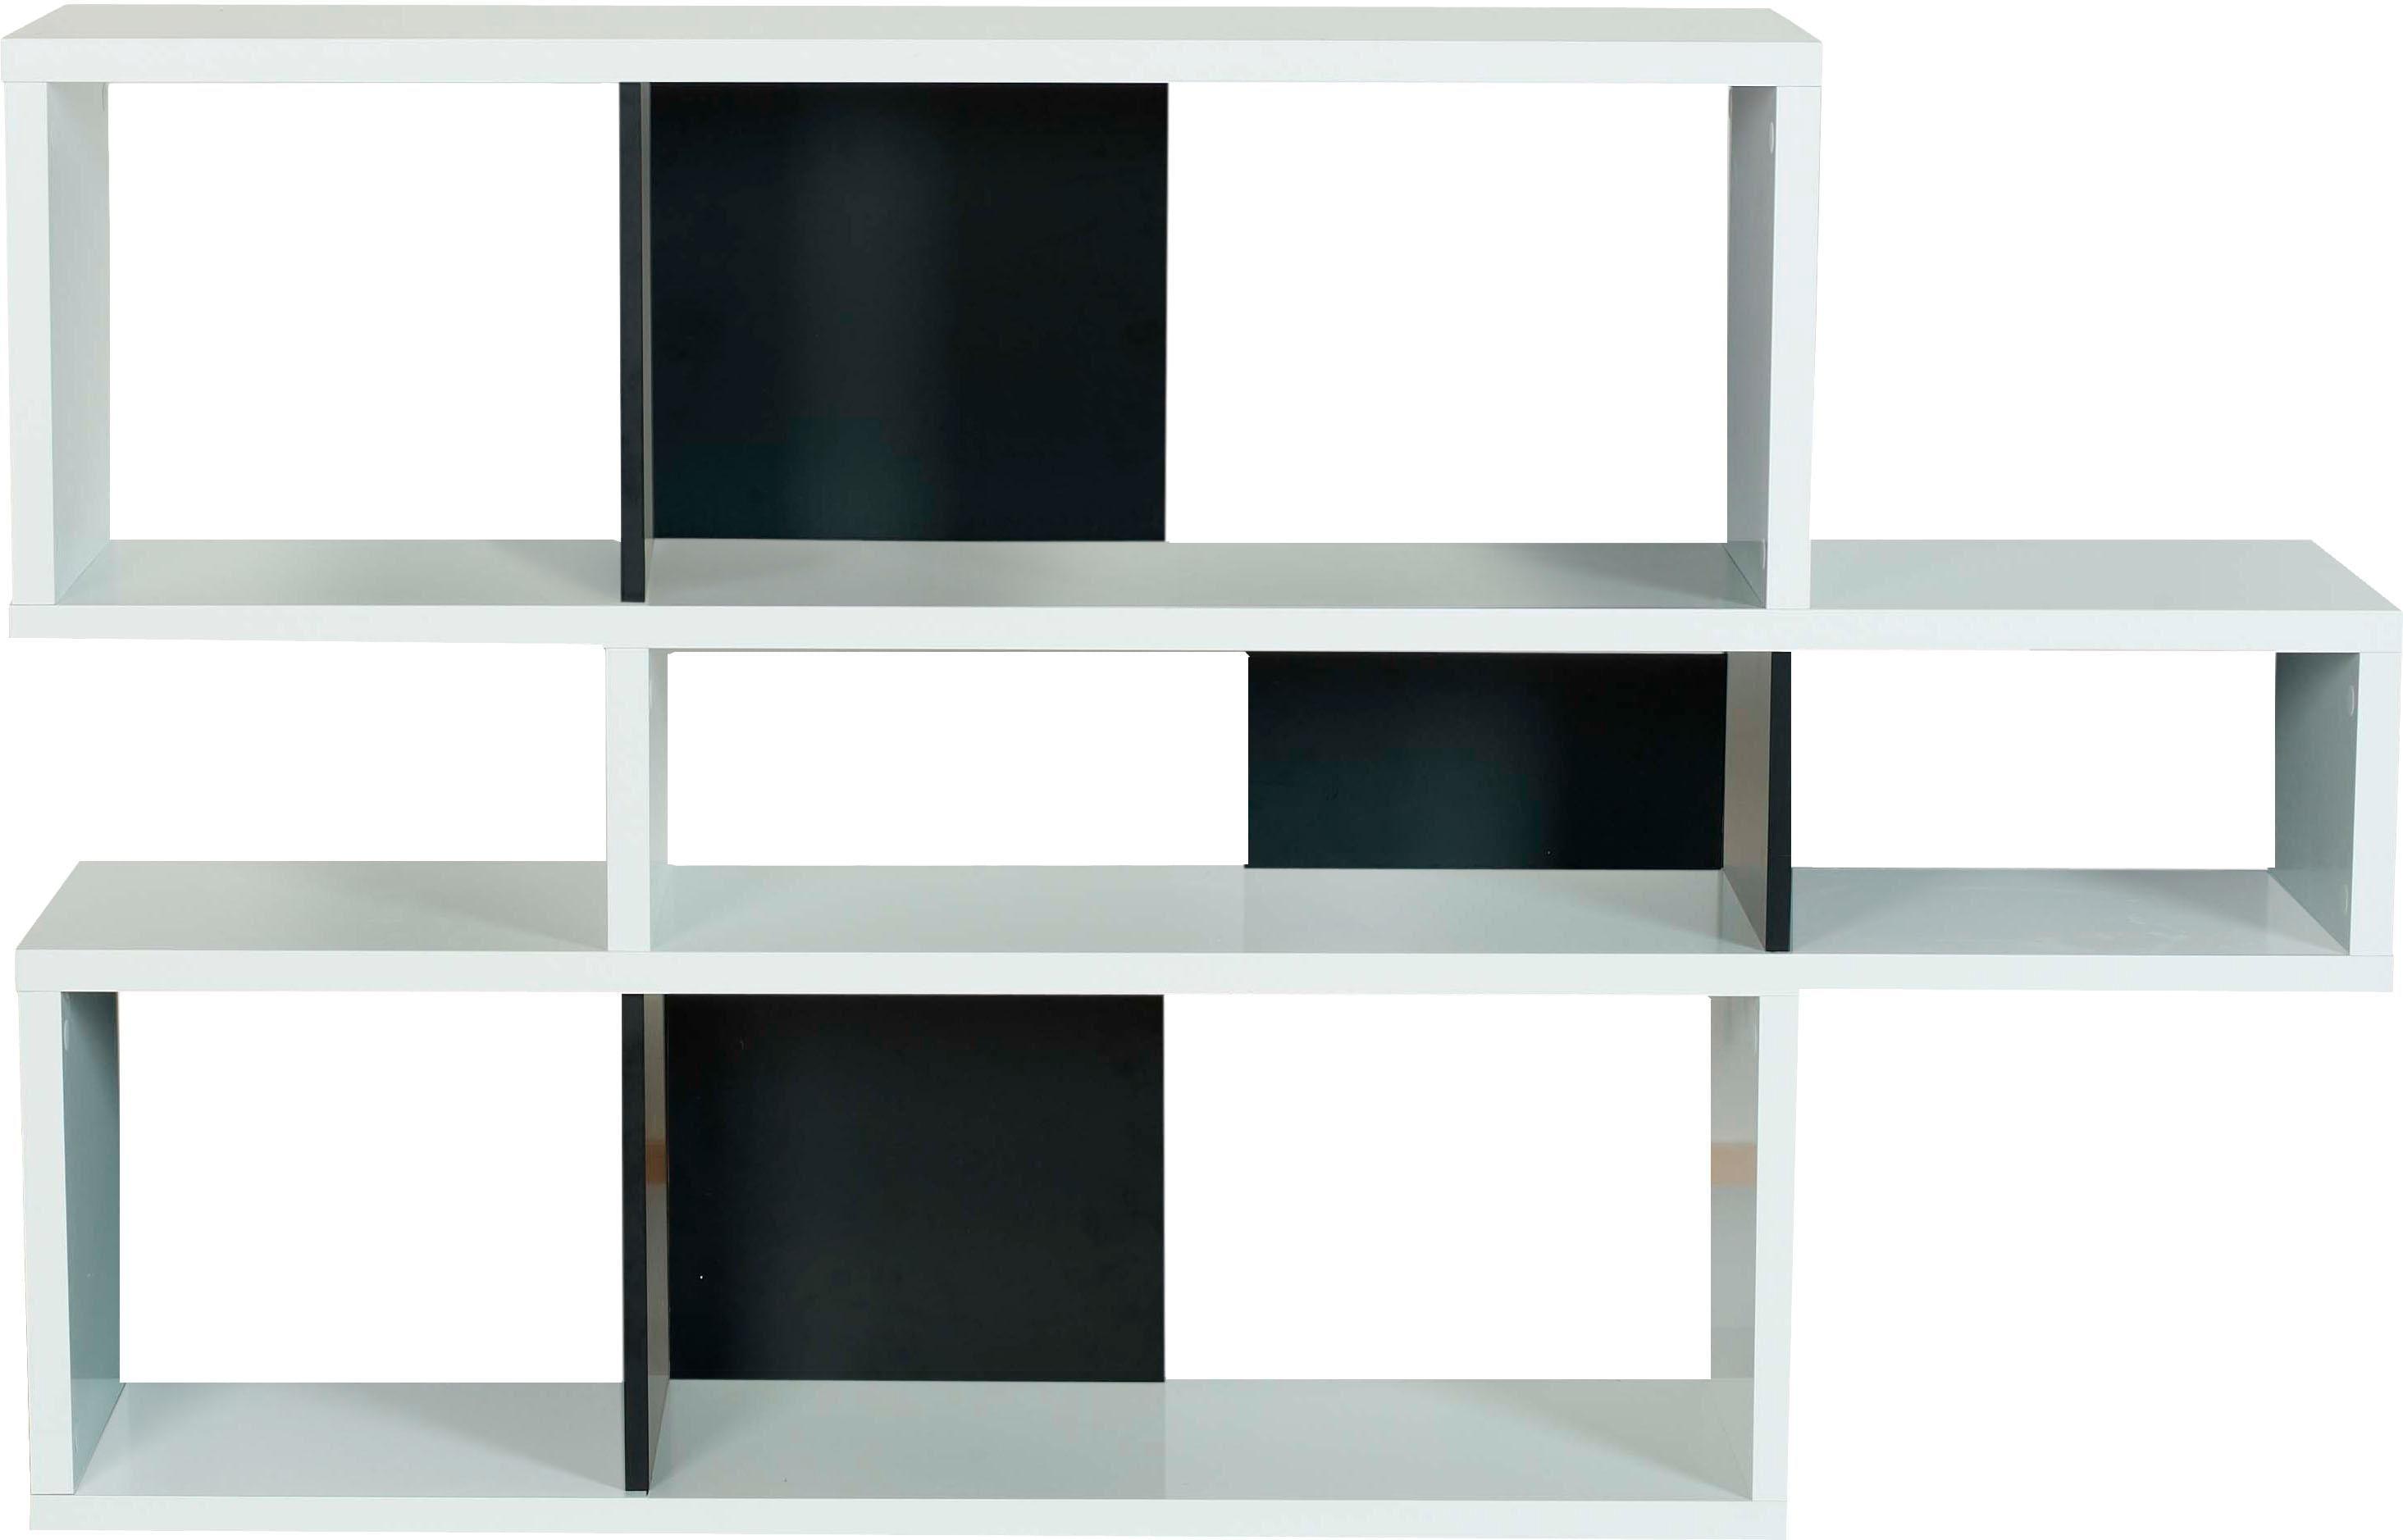 andas Regal  London  in 3 unterschiedlichen Farben und, Höhen, mit dekorativer Rahmenoptik Preisvergleich